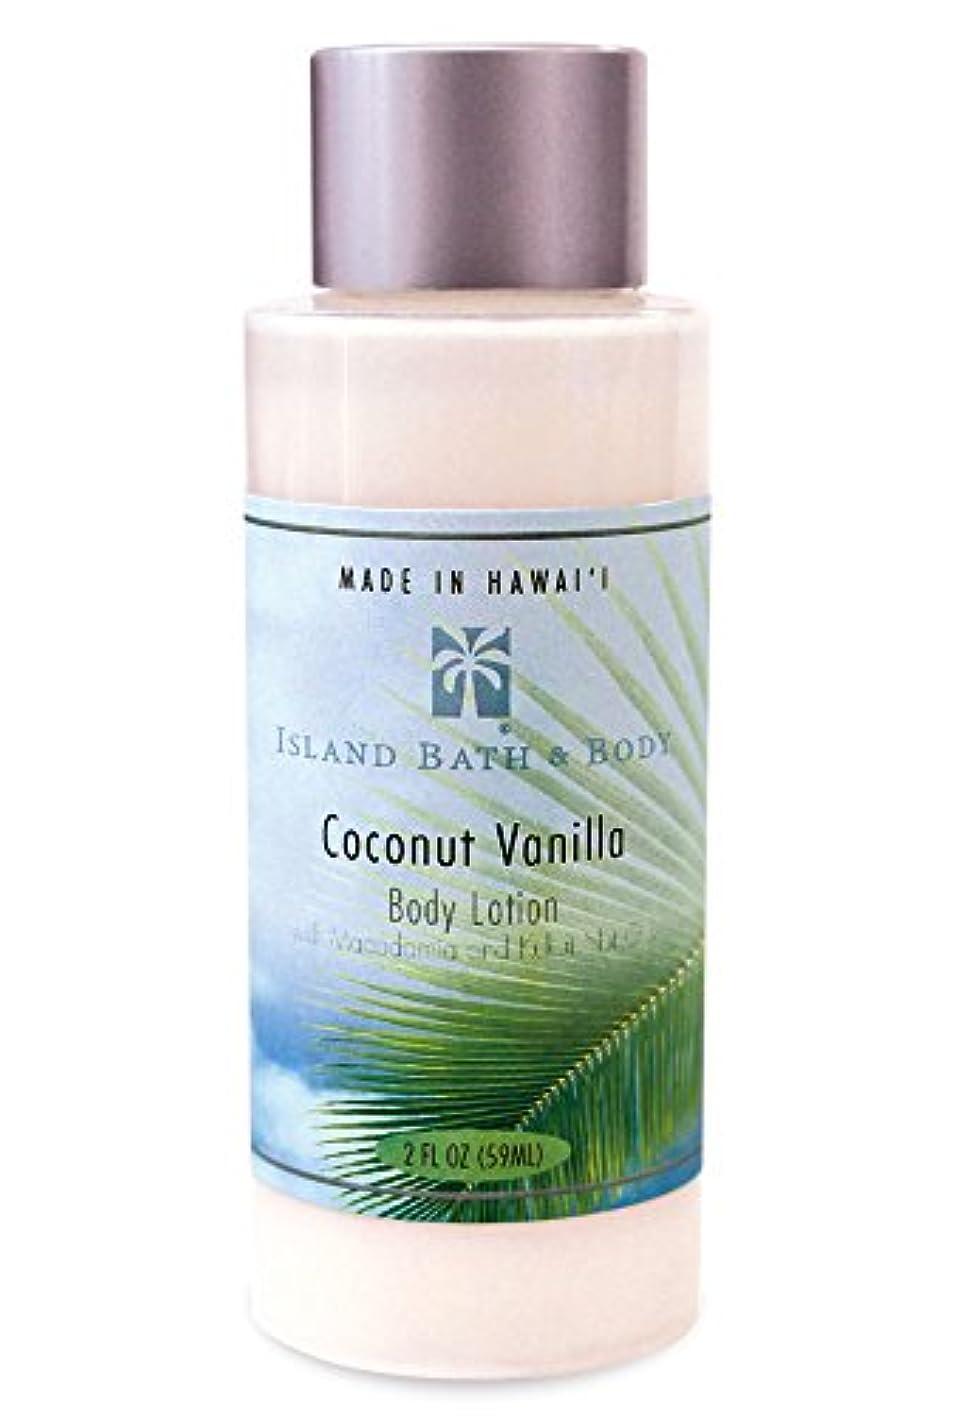 間隔振り向く差別するIsland Bath&Body(アイランド バス&ボディ) ボディーローション 2oz/Coconut Vanilla